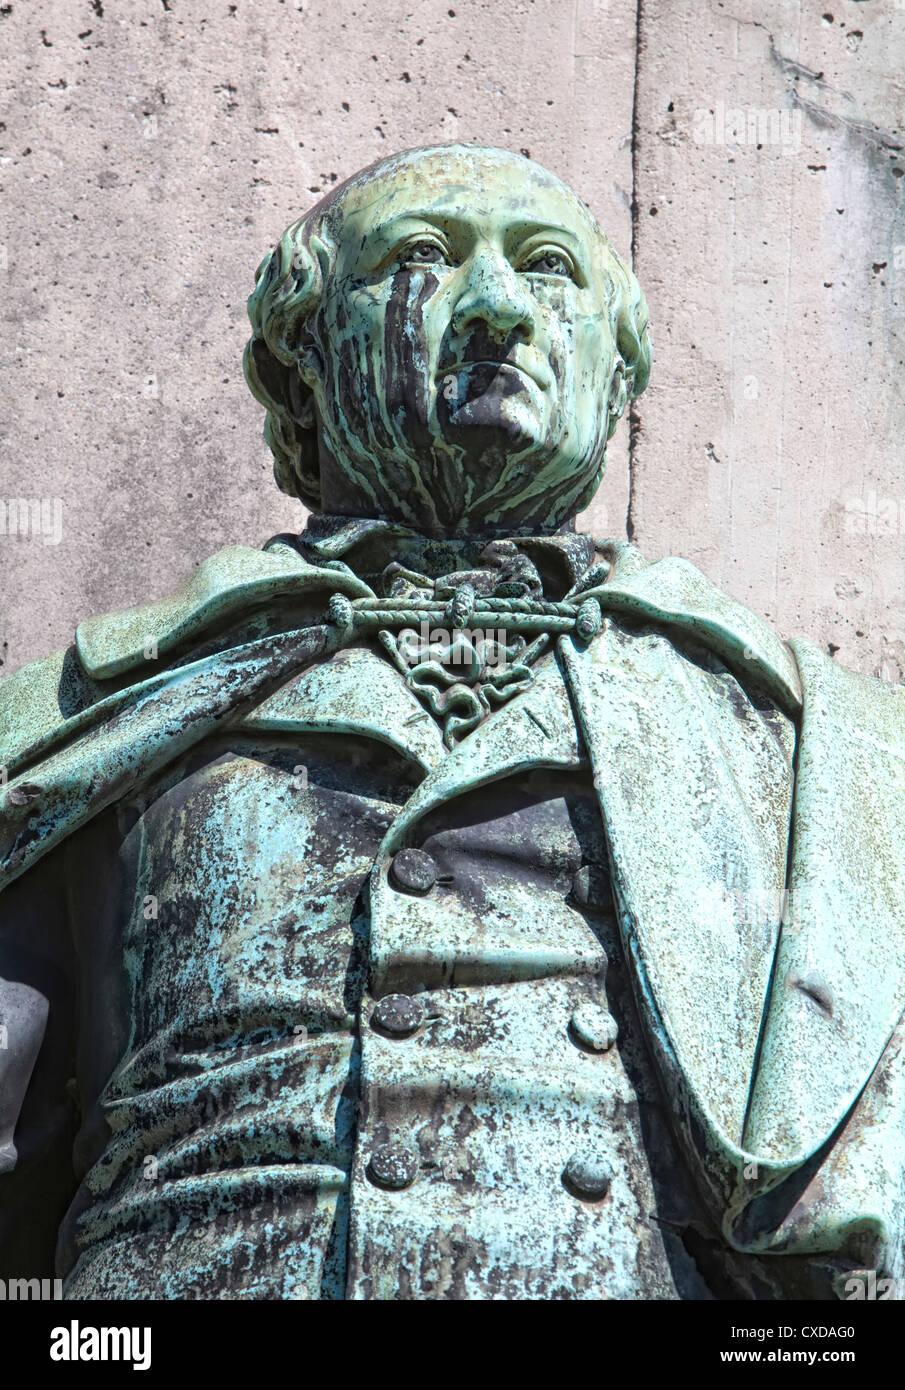 Statue of Karl Sigmund Franz Freiherr vom Stein zum Altenstein, 1770-1840, Prussian politician, Cologne, Germany, - Stock Image